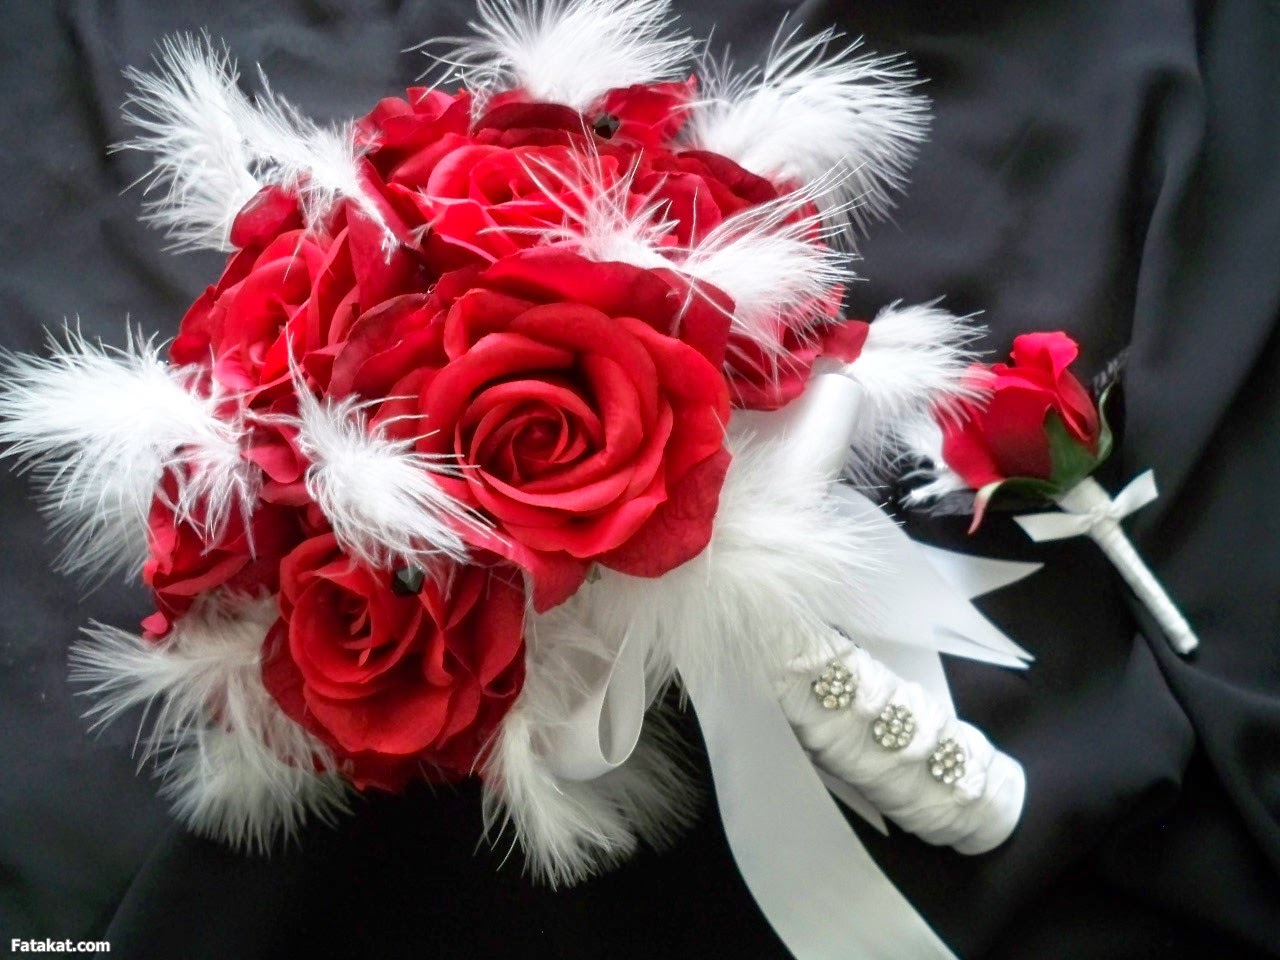 صوره صور ورود روعه , اشكال تحفه من اجمل الزهور